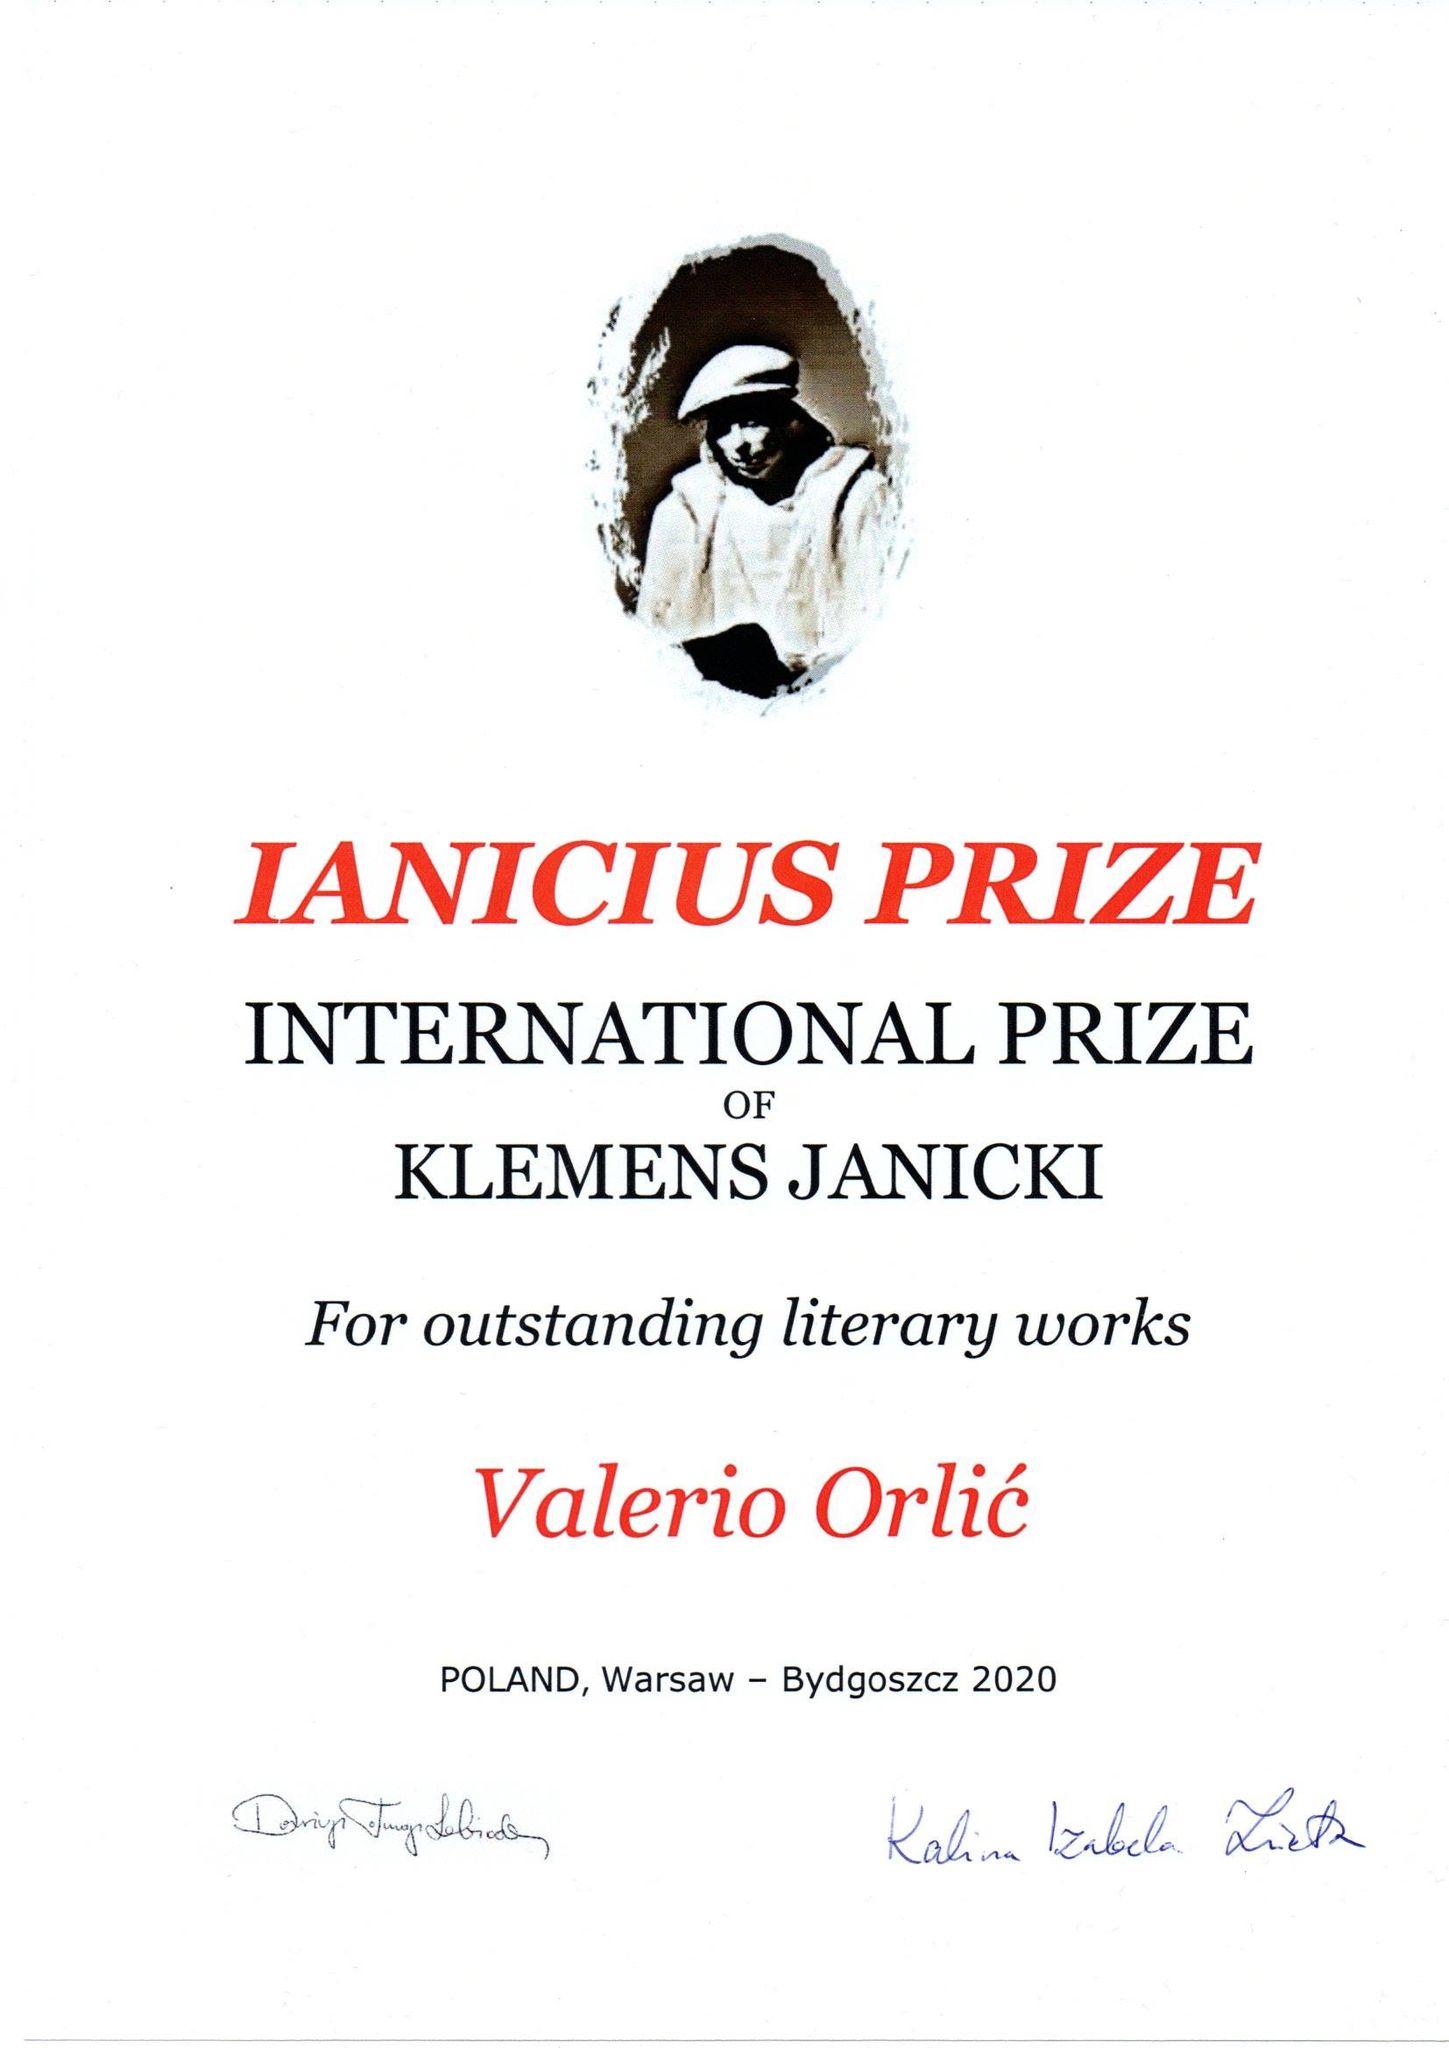 Valerio Orlić i Ante Gregov Jurin dobitnici ugledne poljske nagrade za književnost